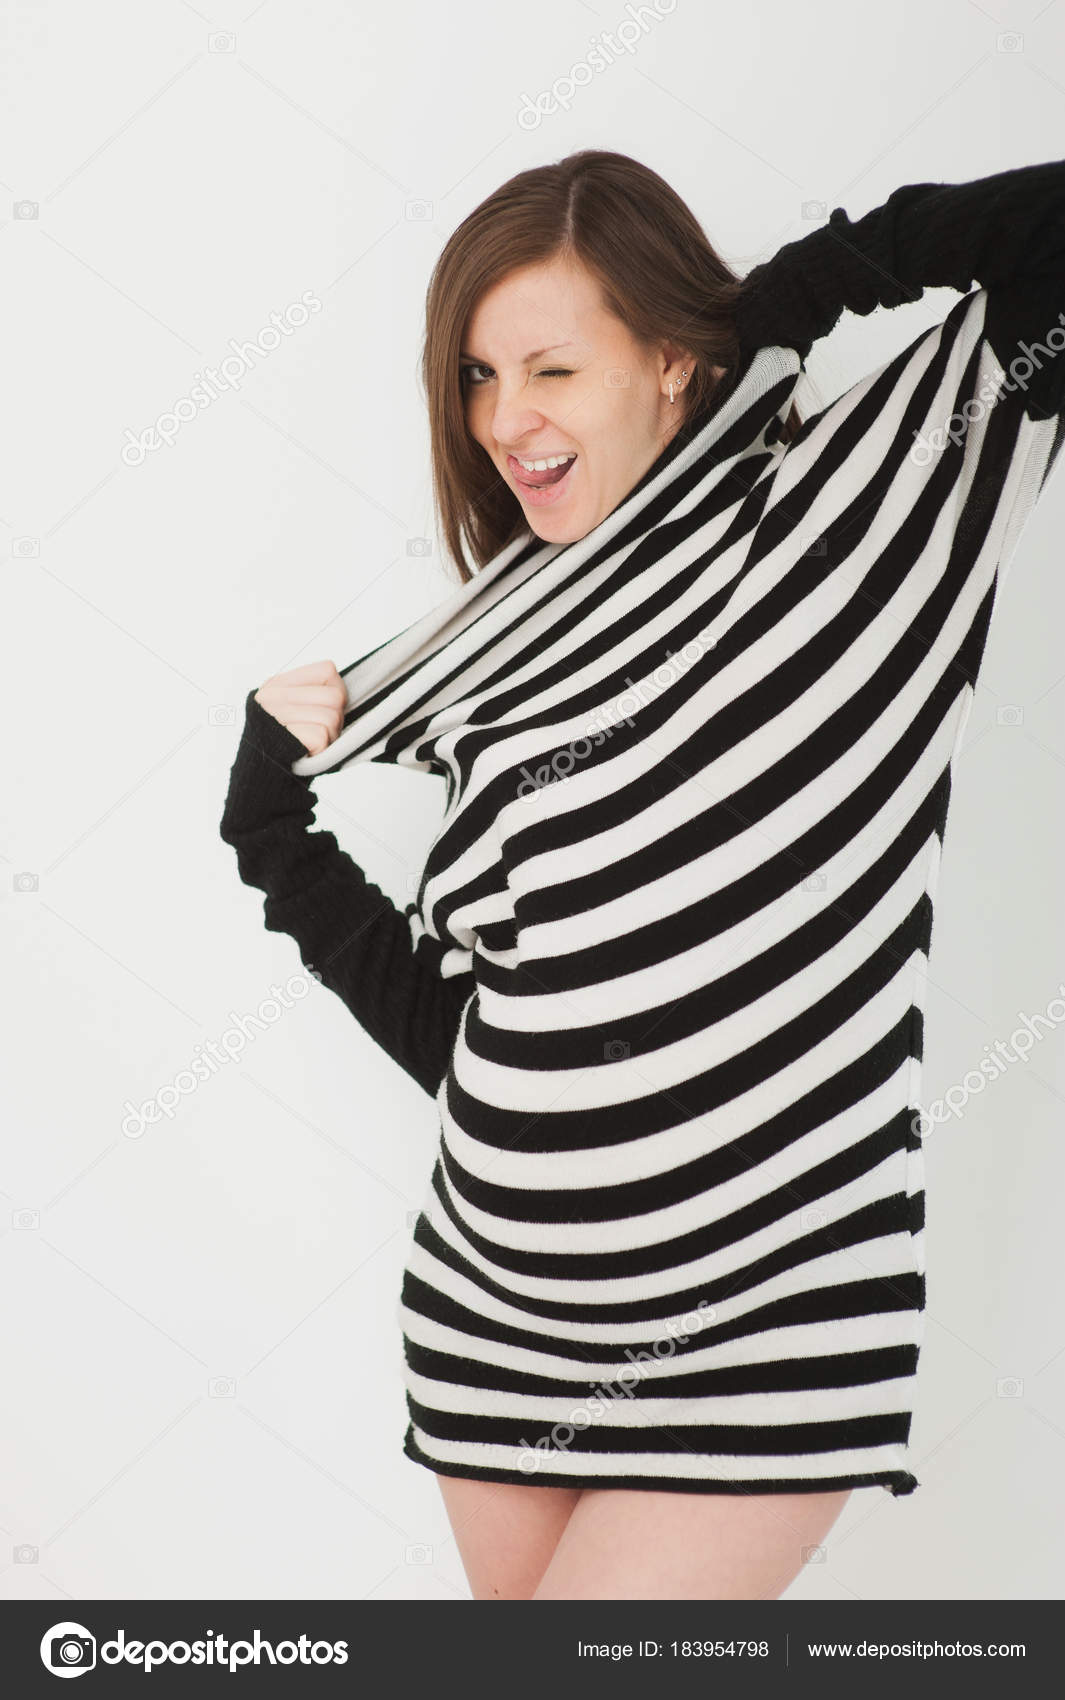 756ed342a61d Красивые модные молодые счастливы брюнетка беременной в полосатые черно  белое платье с большой живот, животик. Беременность, родительских, семьи ...